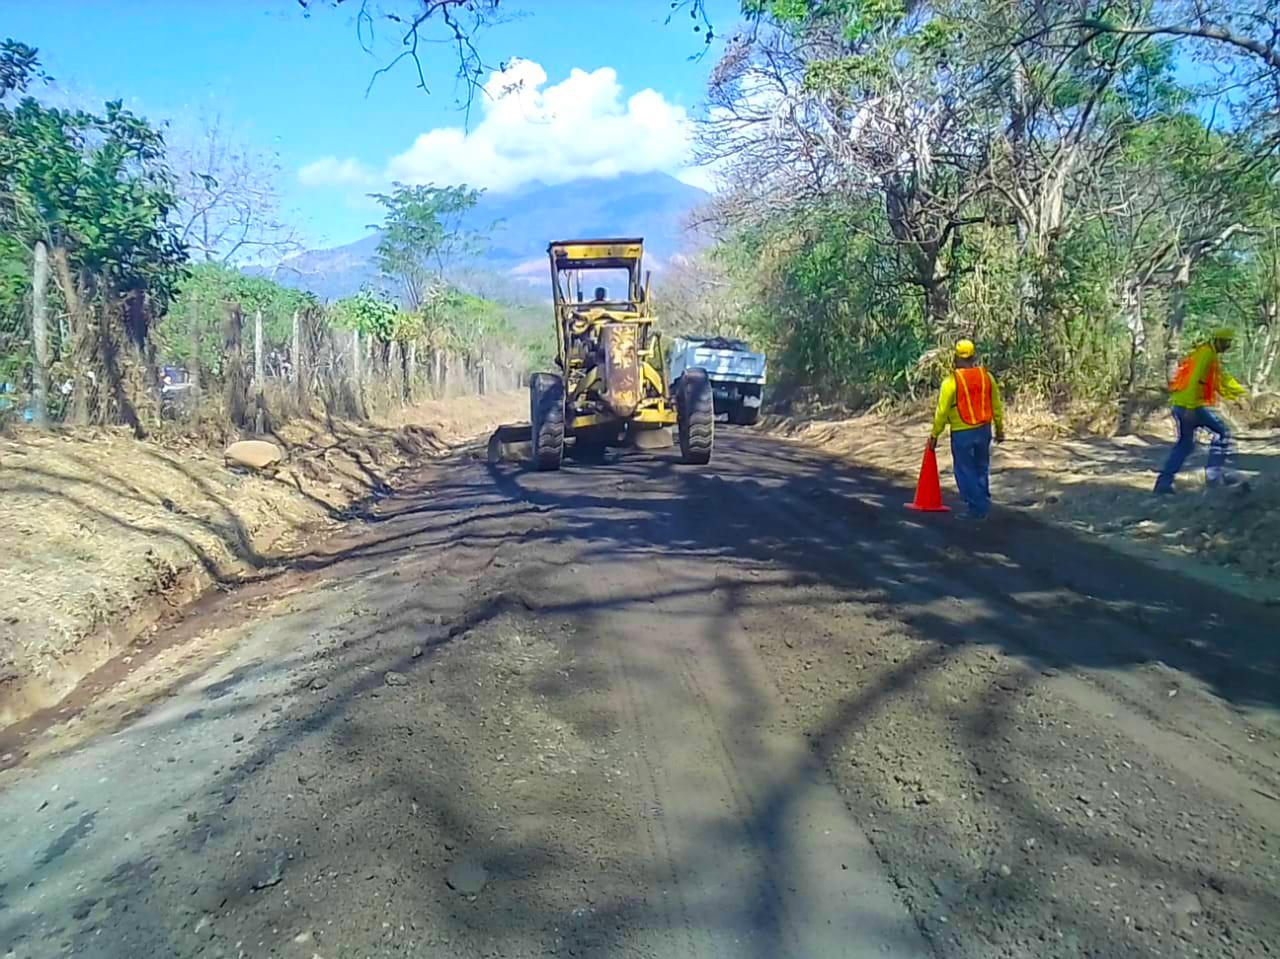 MOP pavimentará 2 kilómetros entre los cantones La Esperanza y El Palomar, en Tecoluca, San Vicente